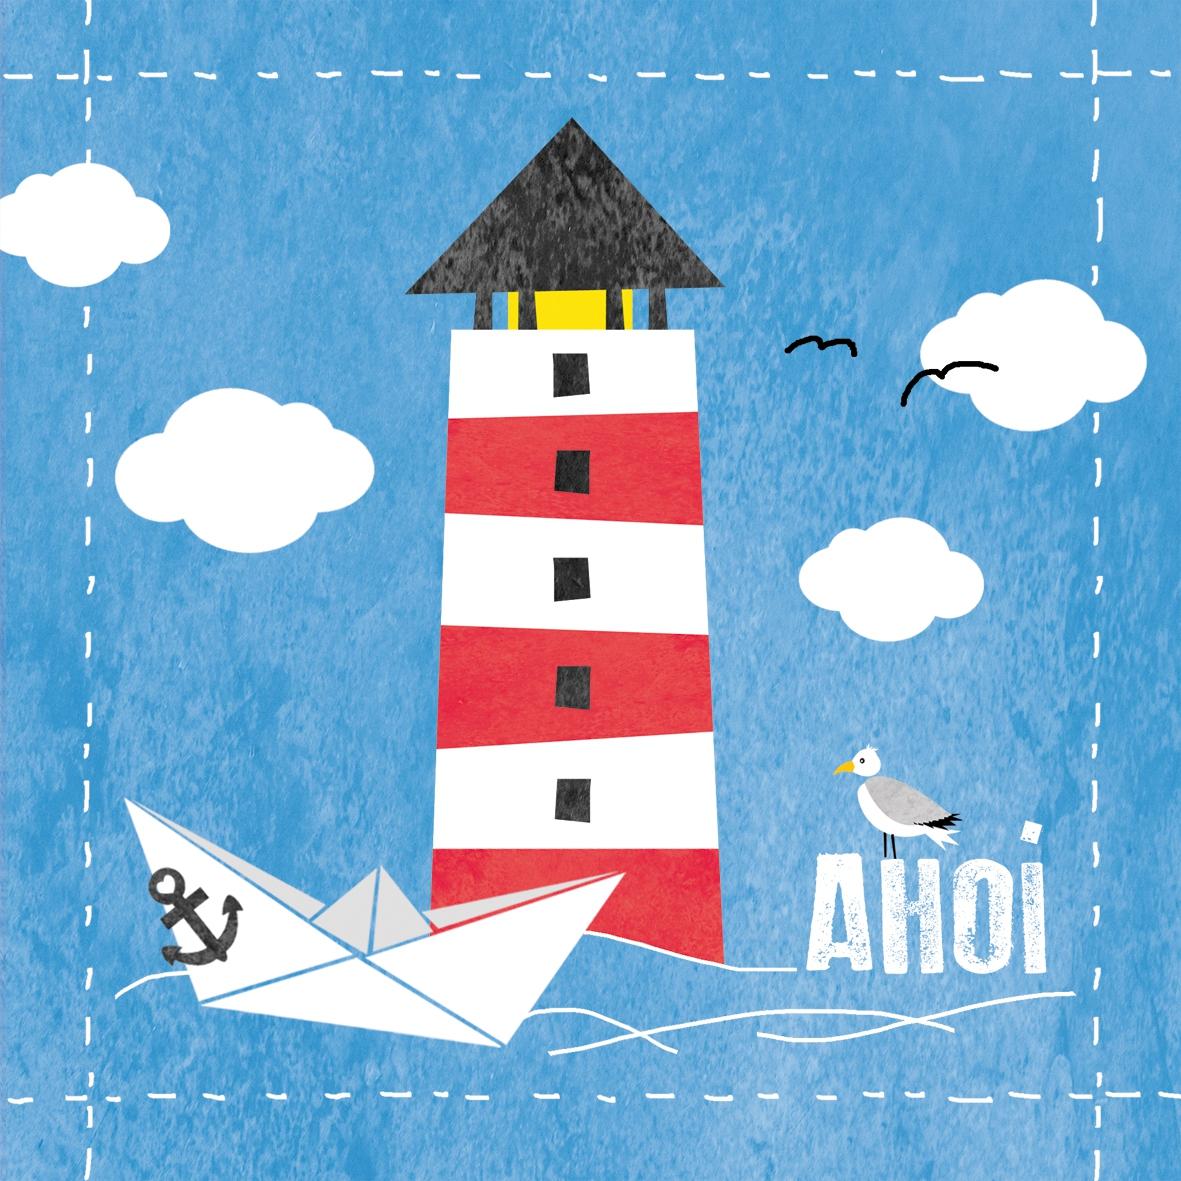 NEU im Shop,  Regionen - Strand / Meer - Schiffe,  Tiere - Vögel,  Regionen - Strand / Meer - Leuchttürme,  Everyday,  lunchservietten,  Boote,  Möwen,  Anker